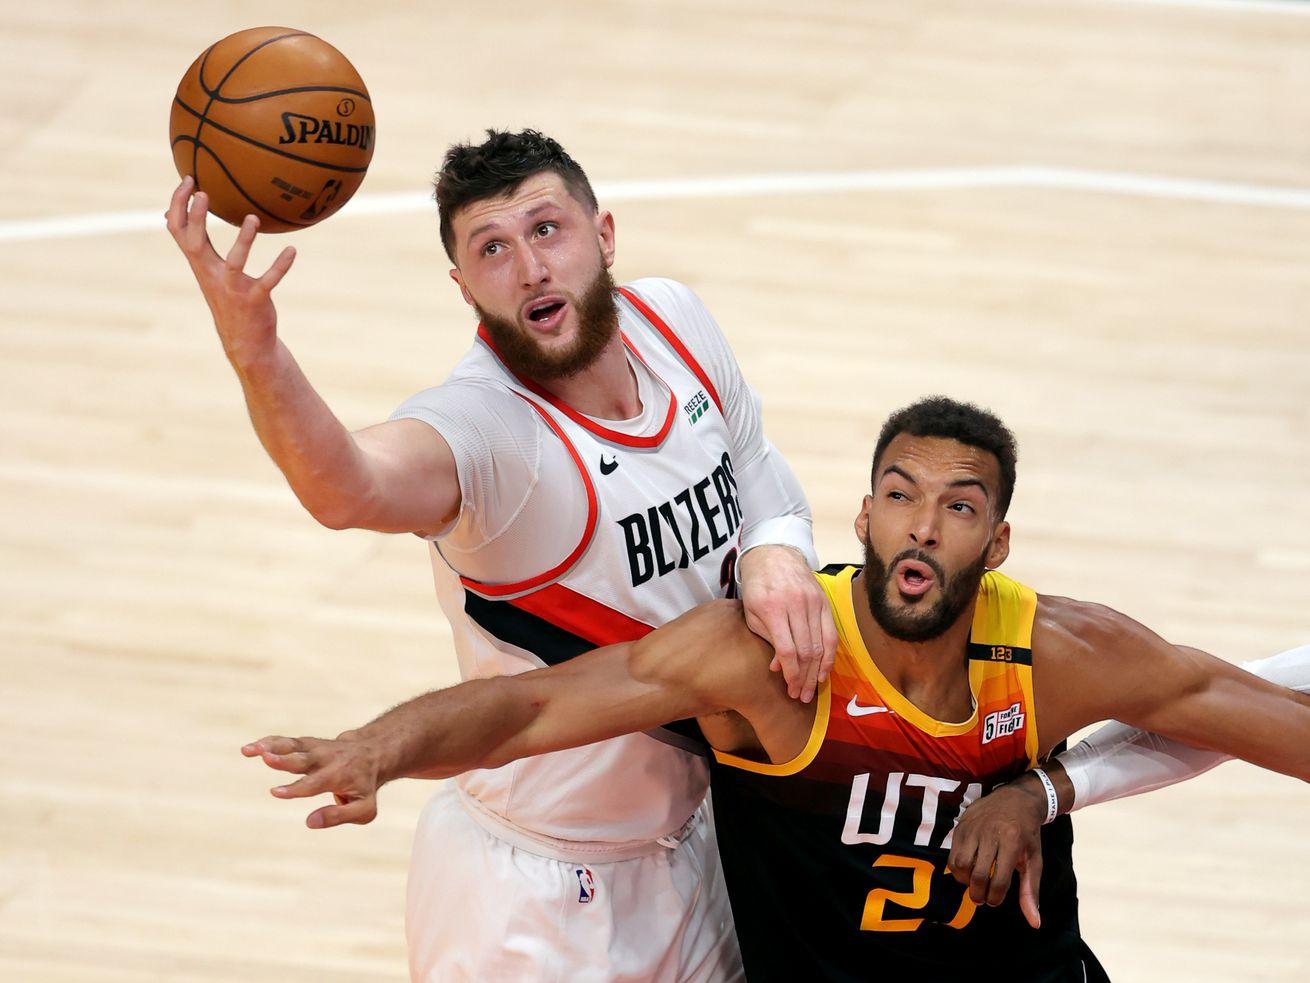 Portland Trail Blazers center Jusuf Nurkic battles for a rebound with Utah Jazz center Rudy Gobert in Salt Lake City.